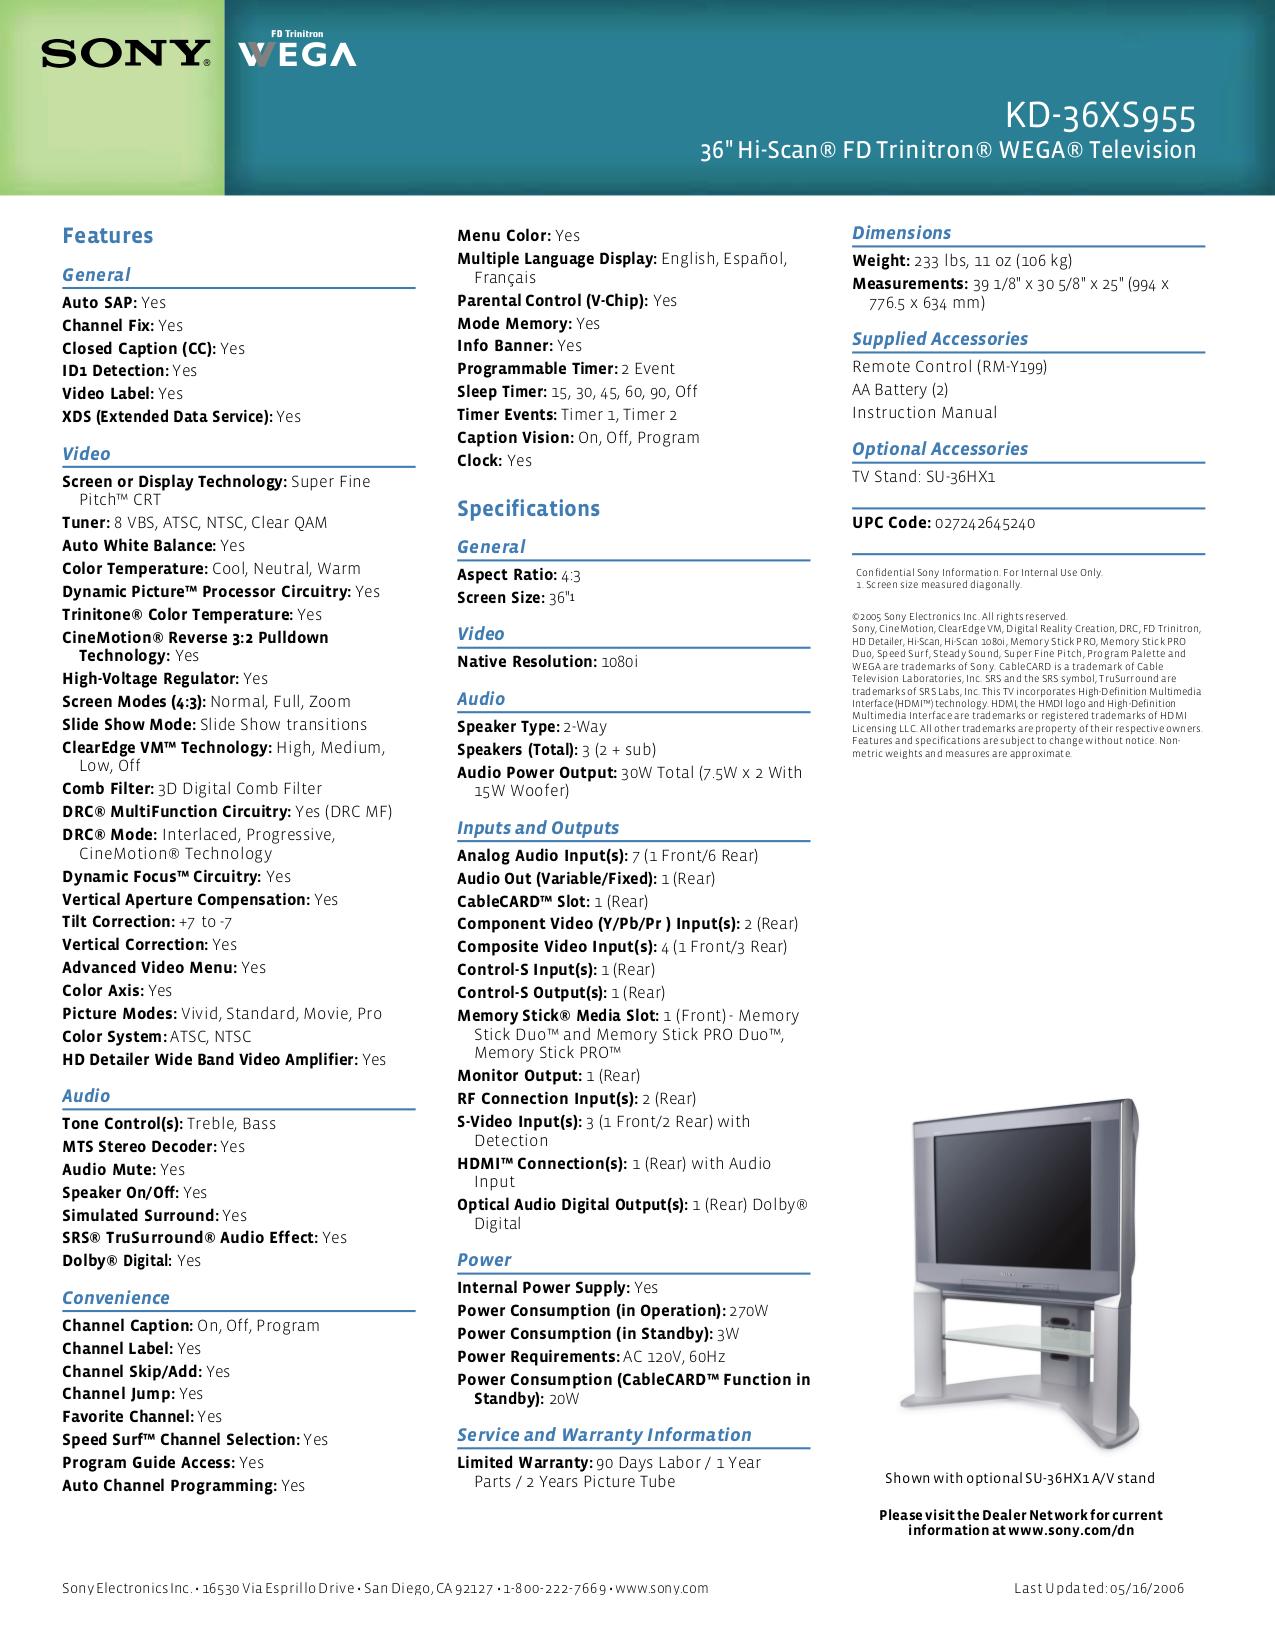 PDF manual for Sony TV WEGA KD-36XS955